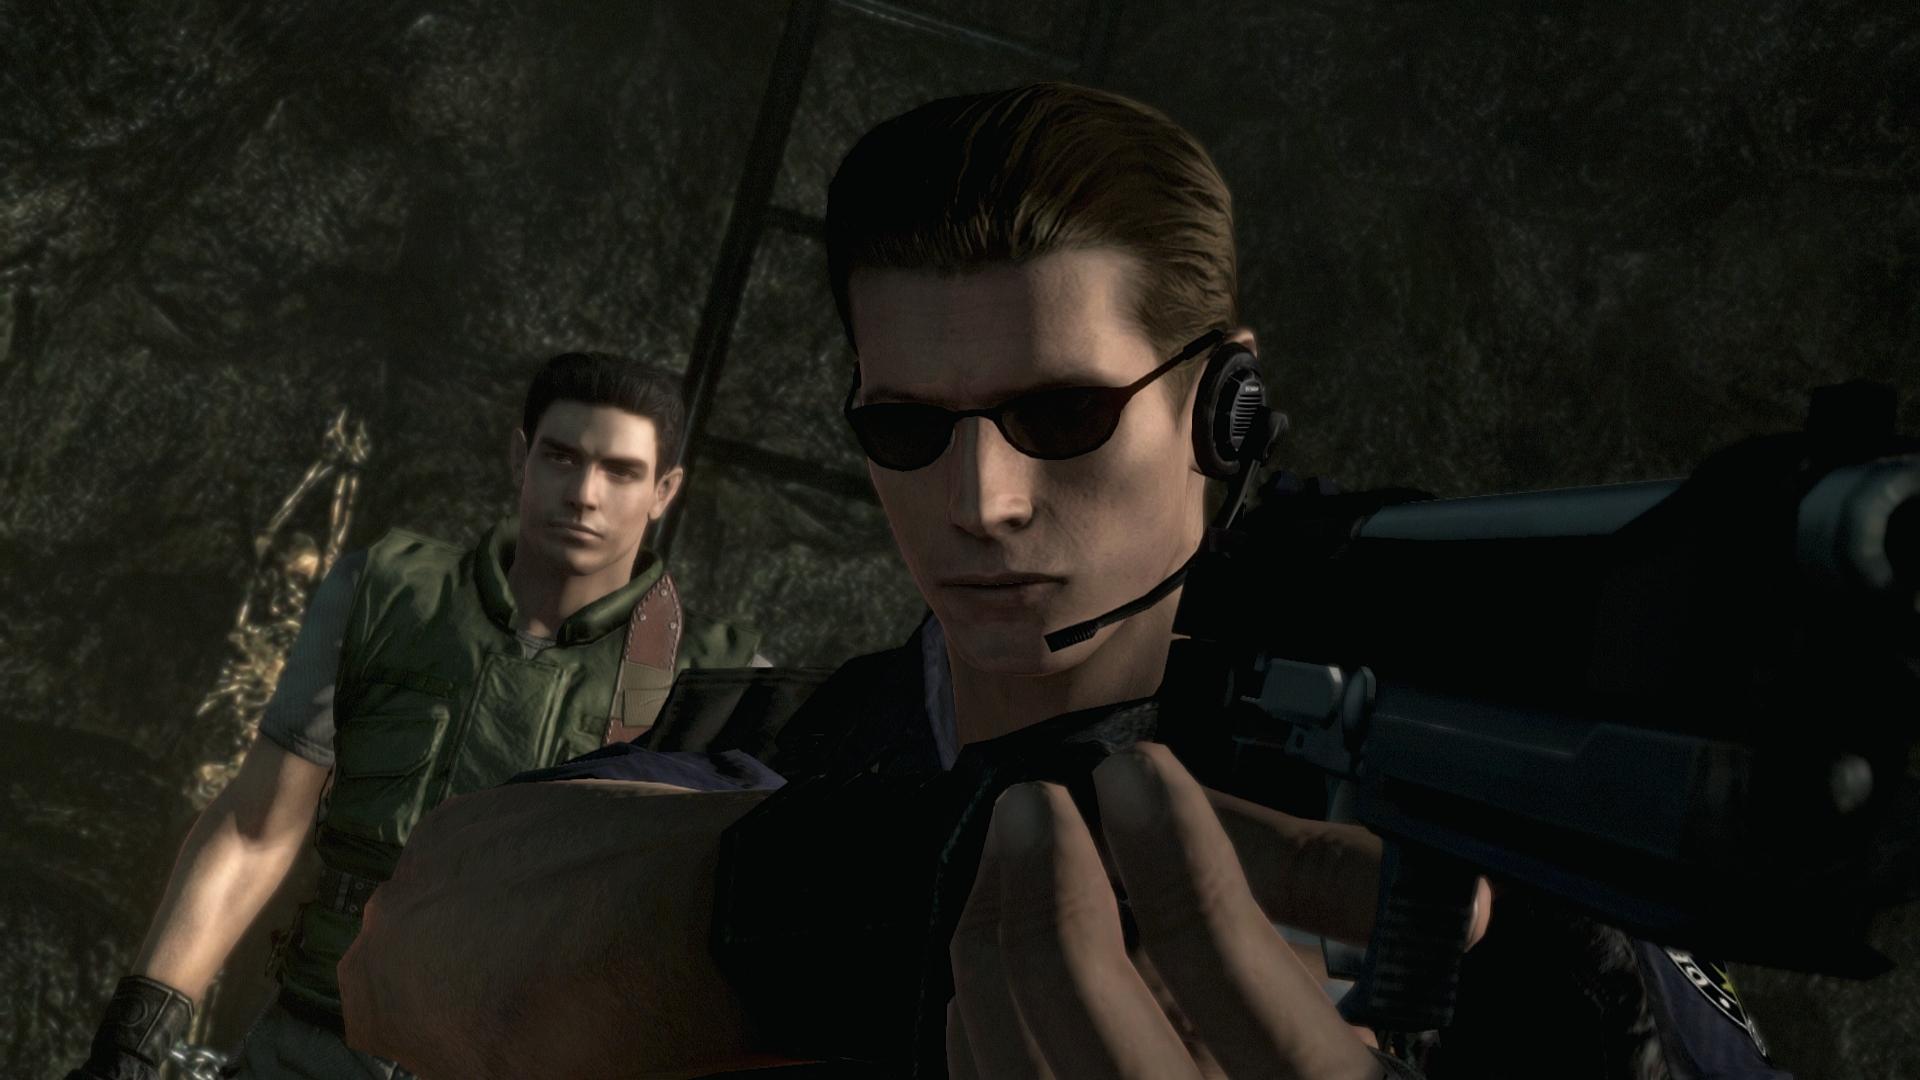 Obrazem: Strach, napětí a hrůzy v Resident Evil HD 102708